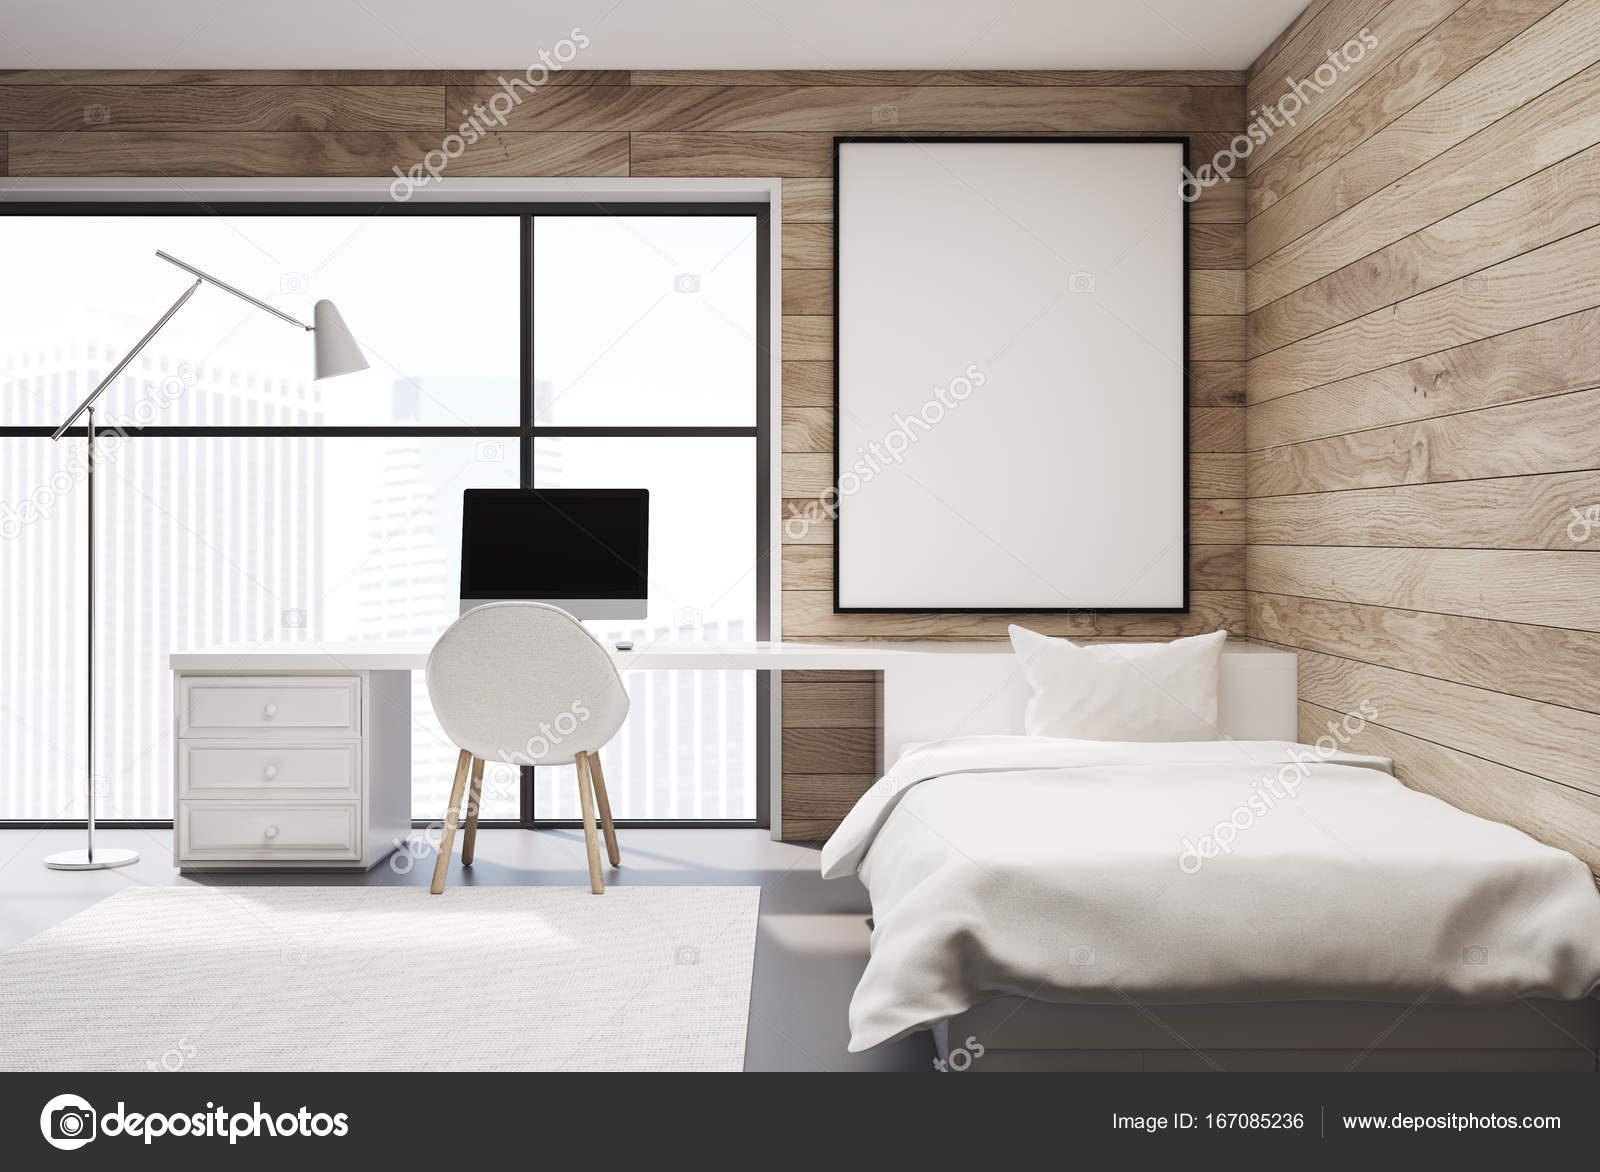 Vorderansicht Eines Hölzernen Schlafzimmer Interieurs Mit Einem Weißen  Bett, Ein Sessel, Ein Computertisch Und Einen Teppich. Eine Vertikale  Gerahmte Poster ...